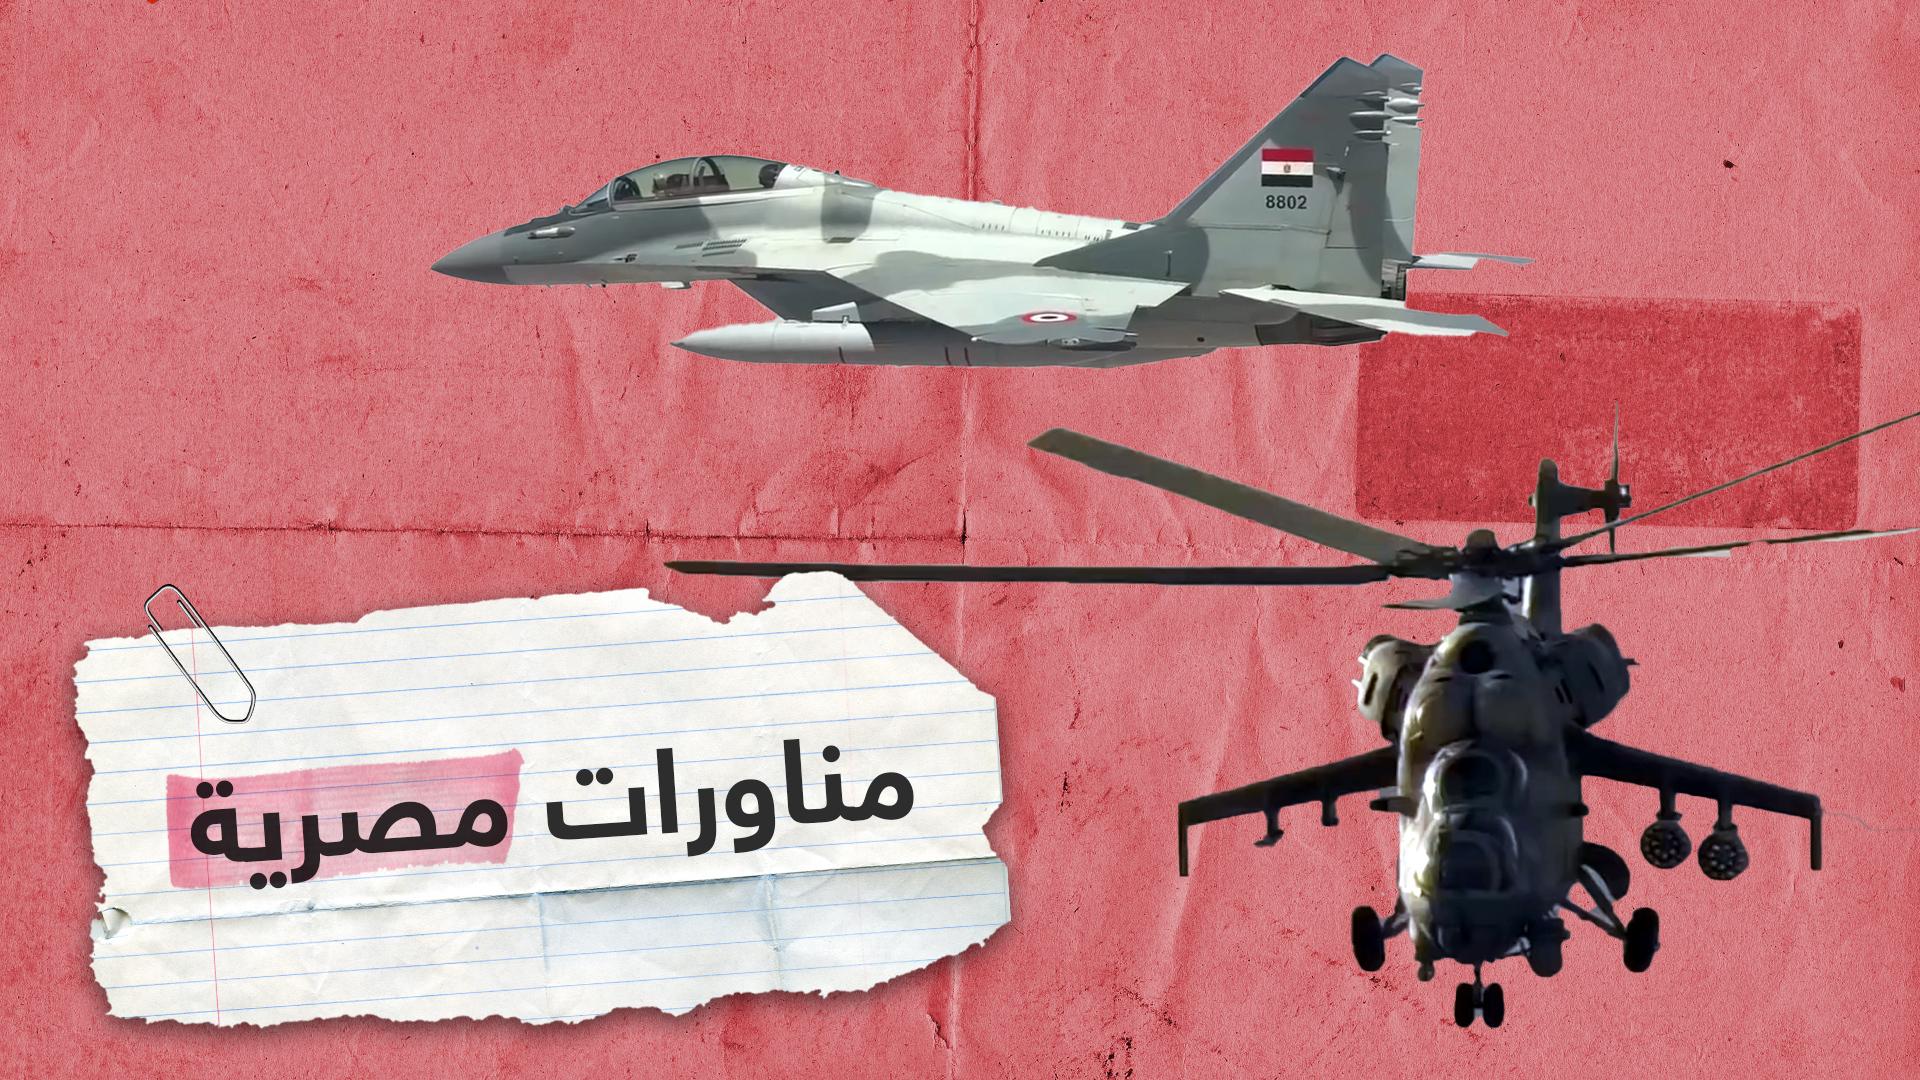 قادر 2020.. مناورة عسكرية مصرية تظهر فيها أسلحة روسية